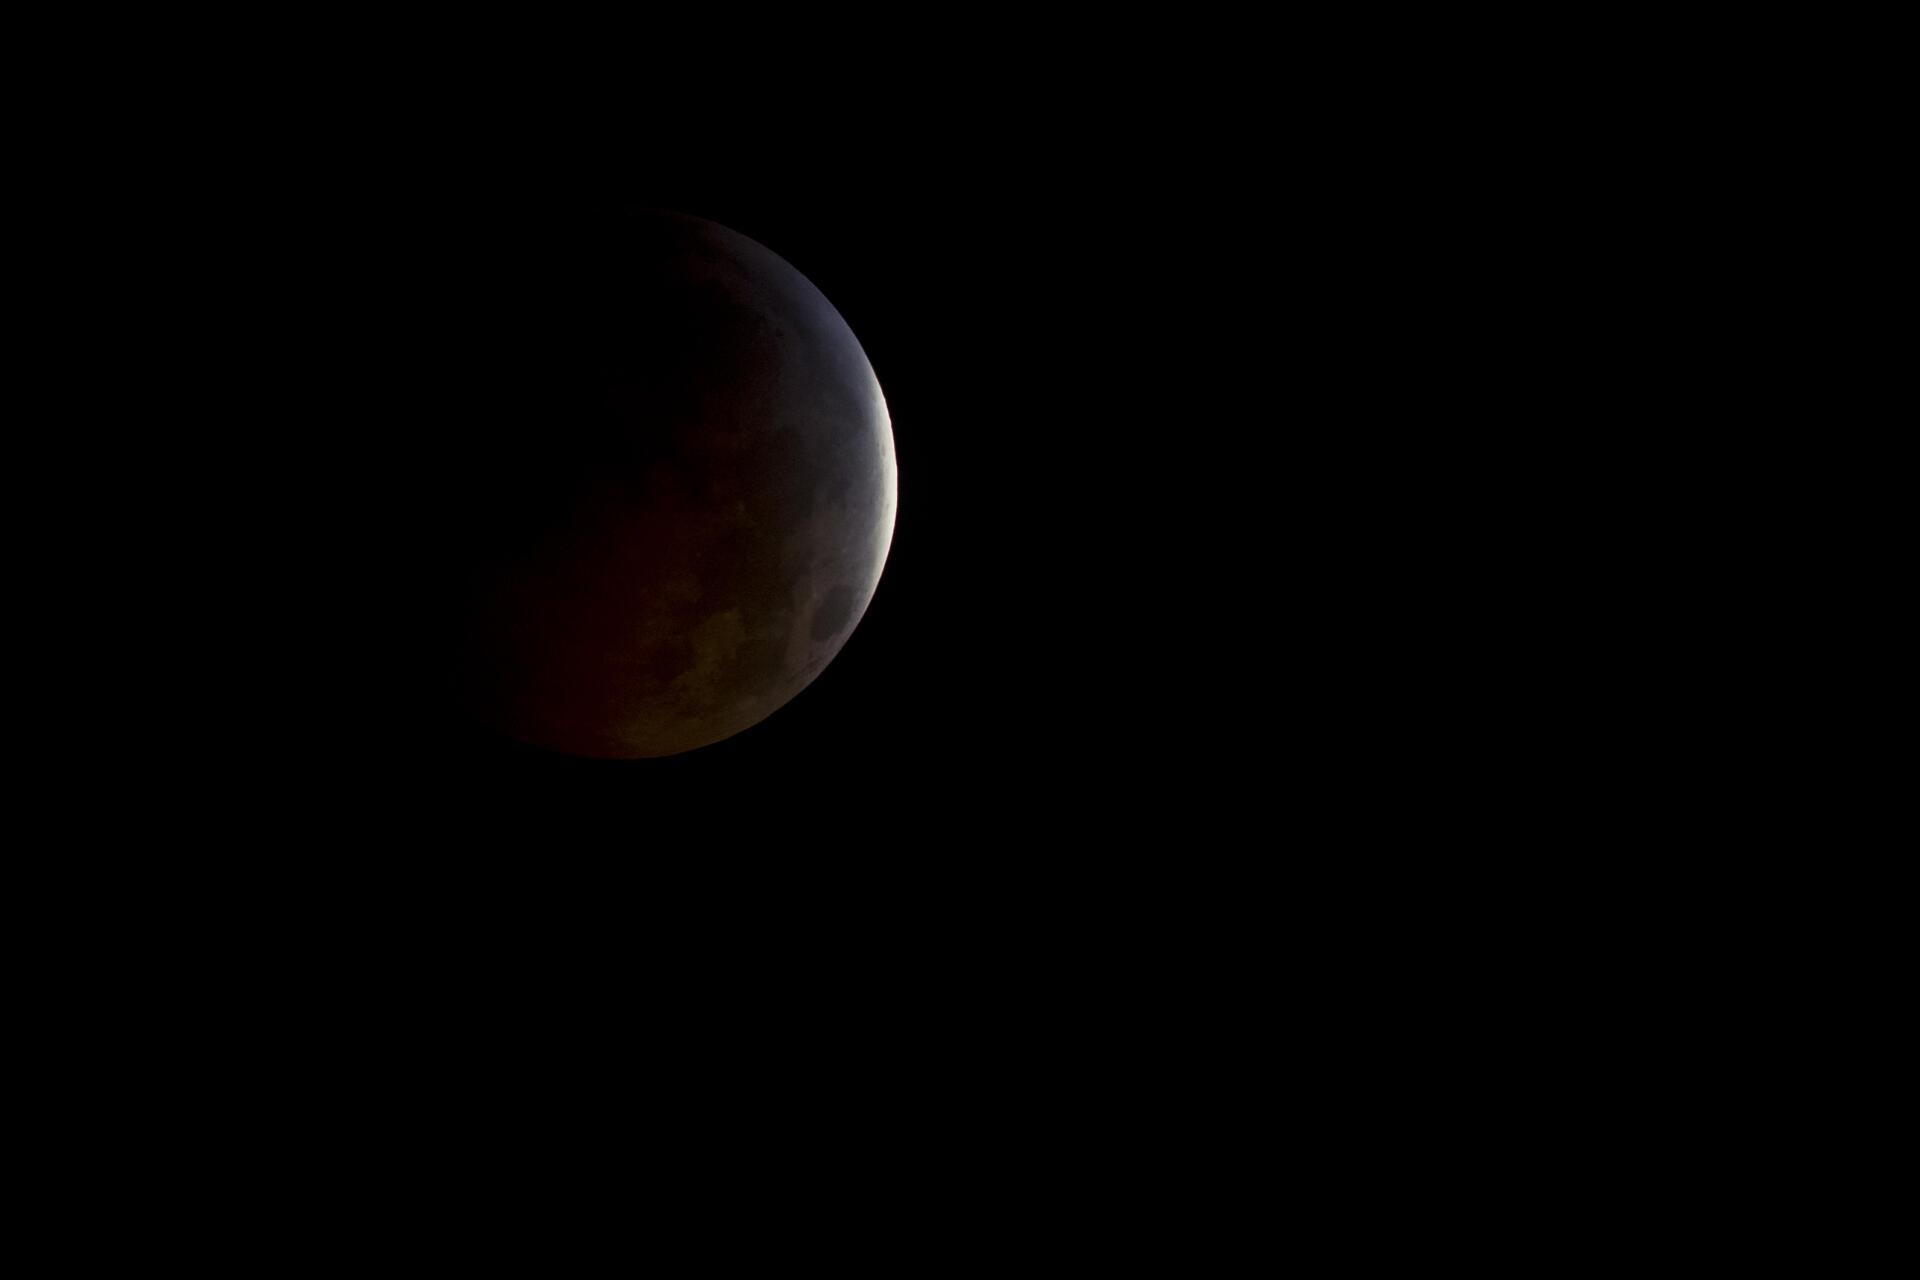 Foto NASA, Bill Ingalls